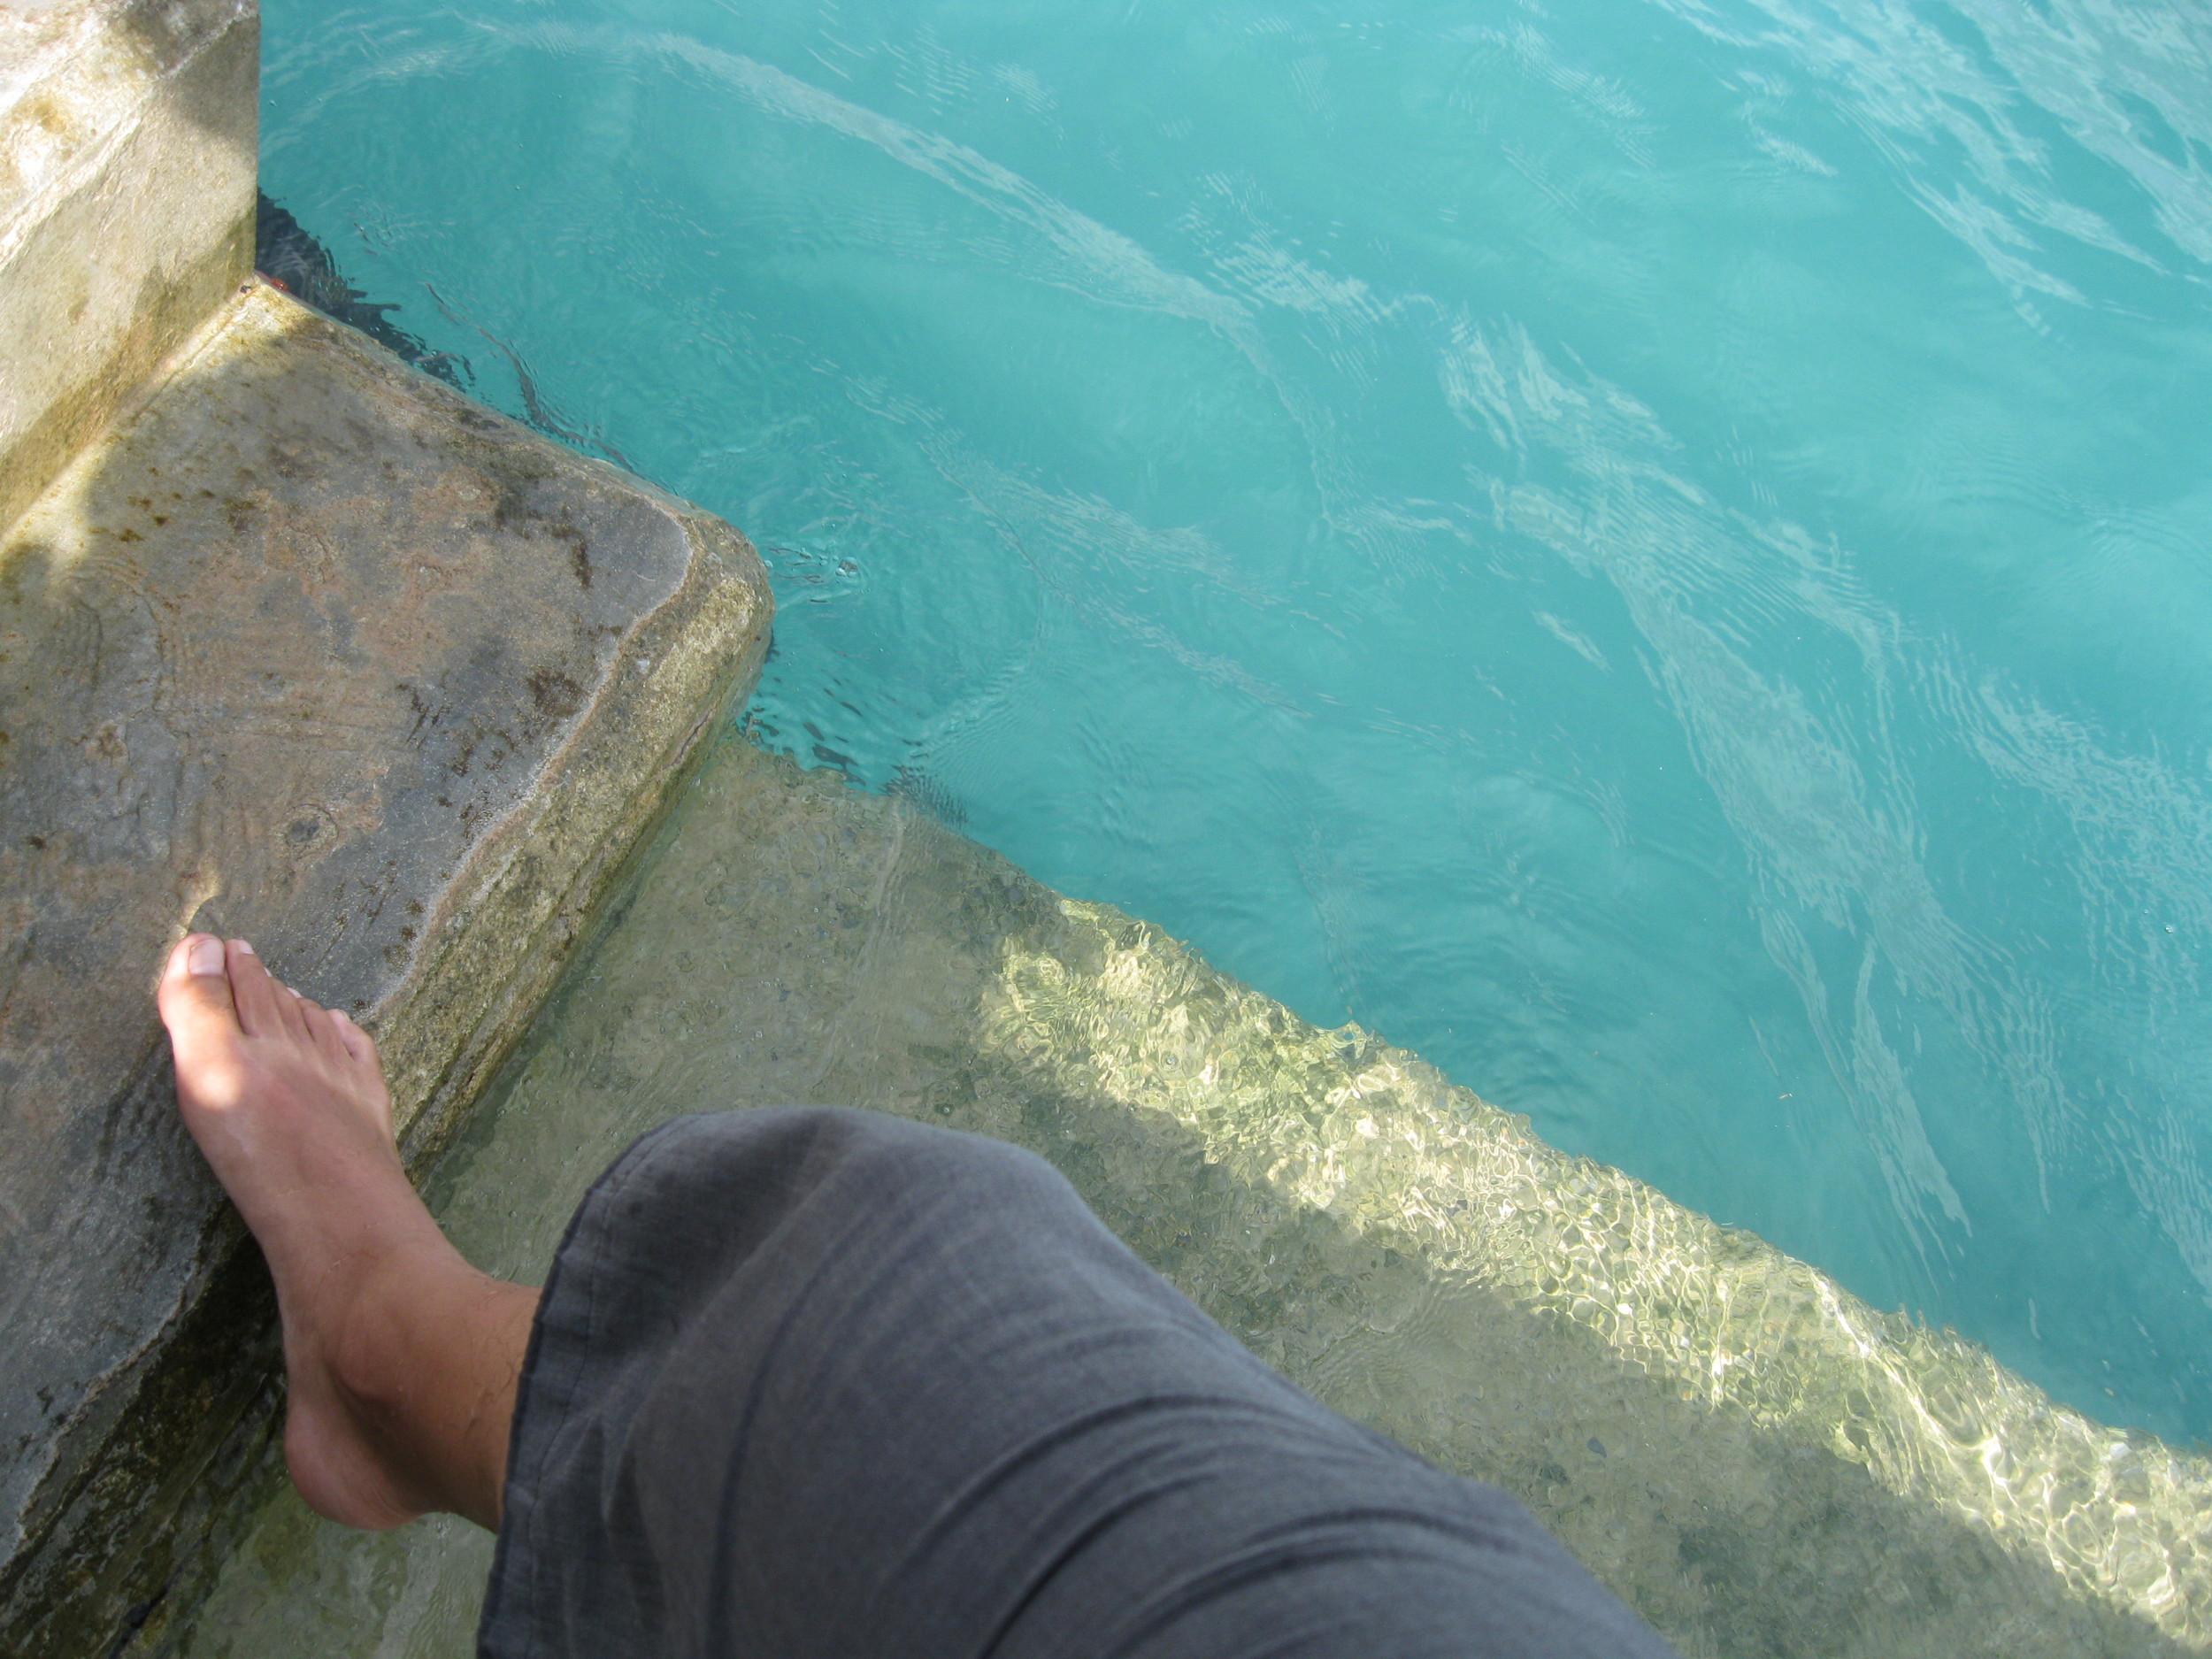 Y luego relajar y refrescar los pies en los puertos o en las playas.